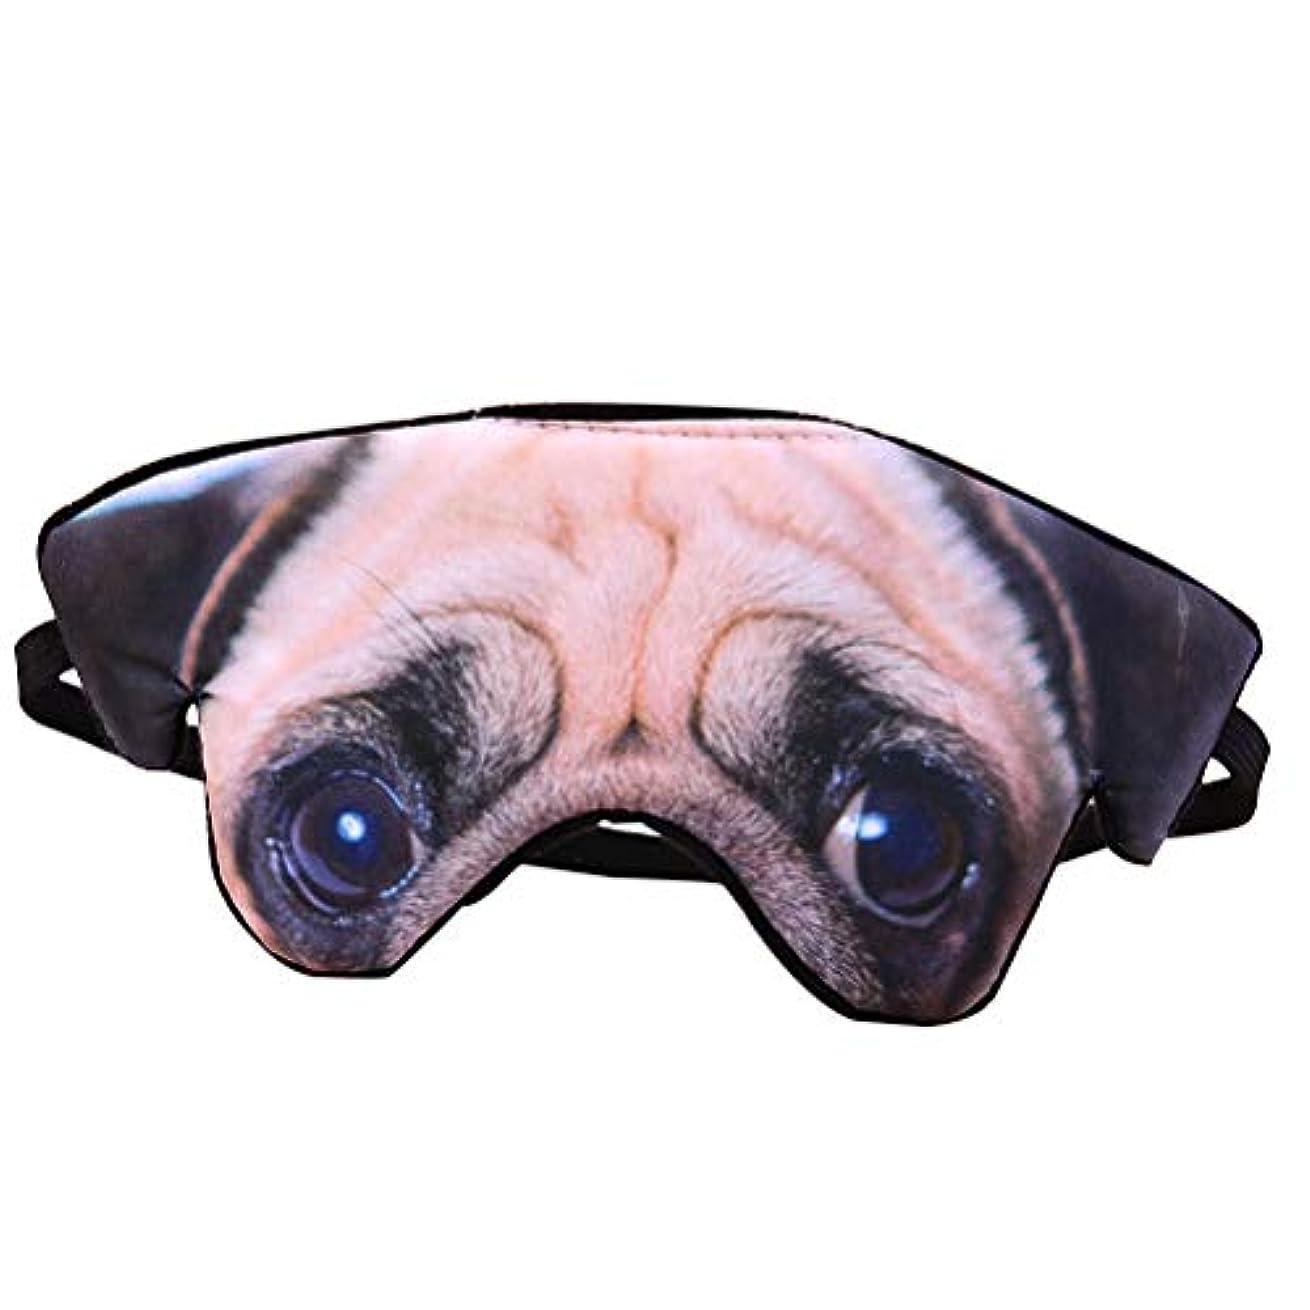 会話型フィヨルド雑種HEALIFTY 睡眠目隠し3D犬のパターンアイマスクファニーシェードナップカバー目隠し睡眠マスク目の眠りゴーグル(Pug)